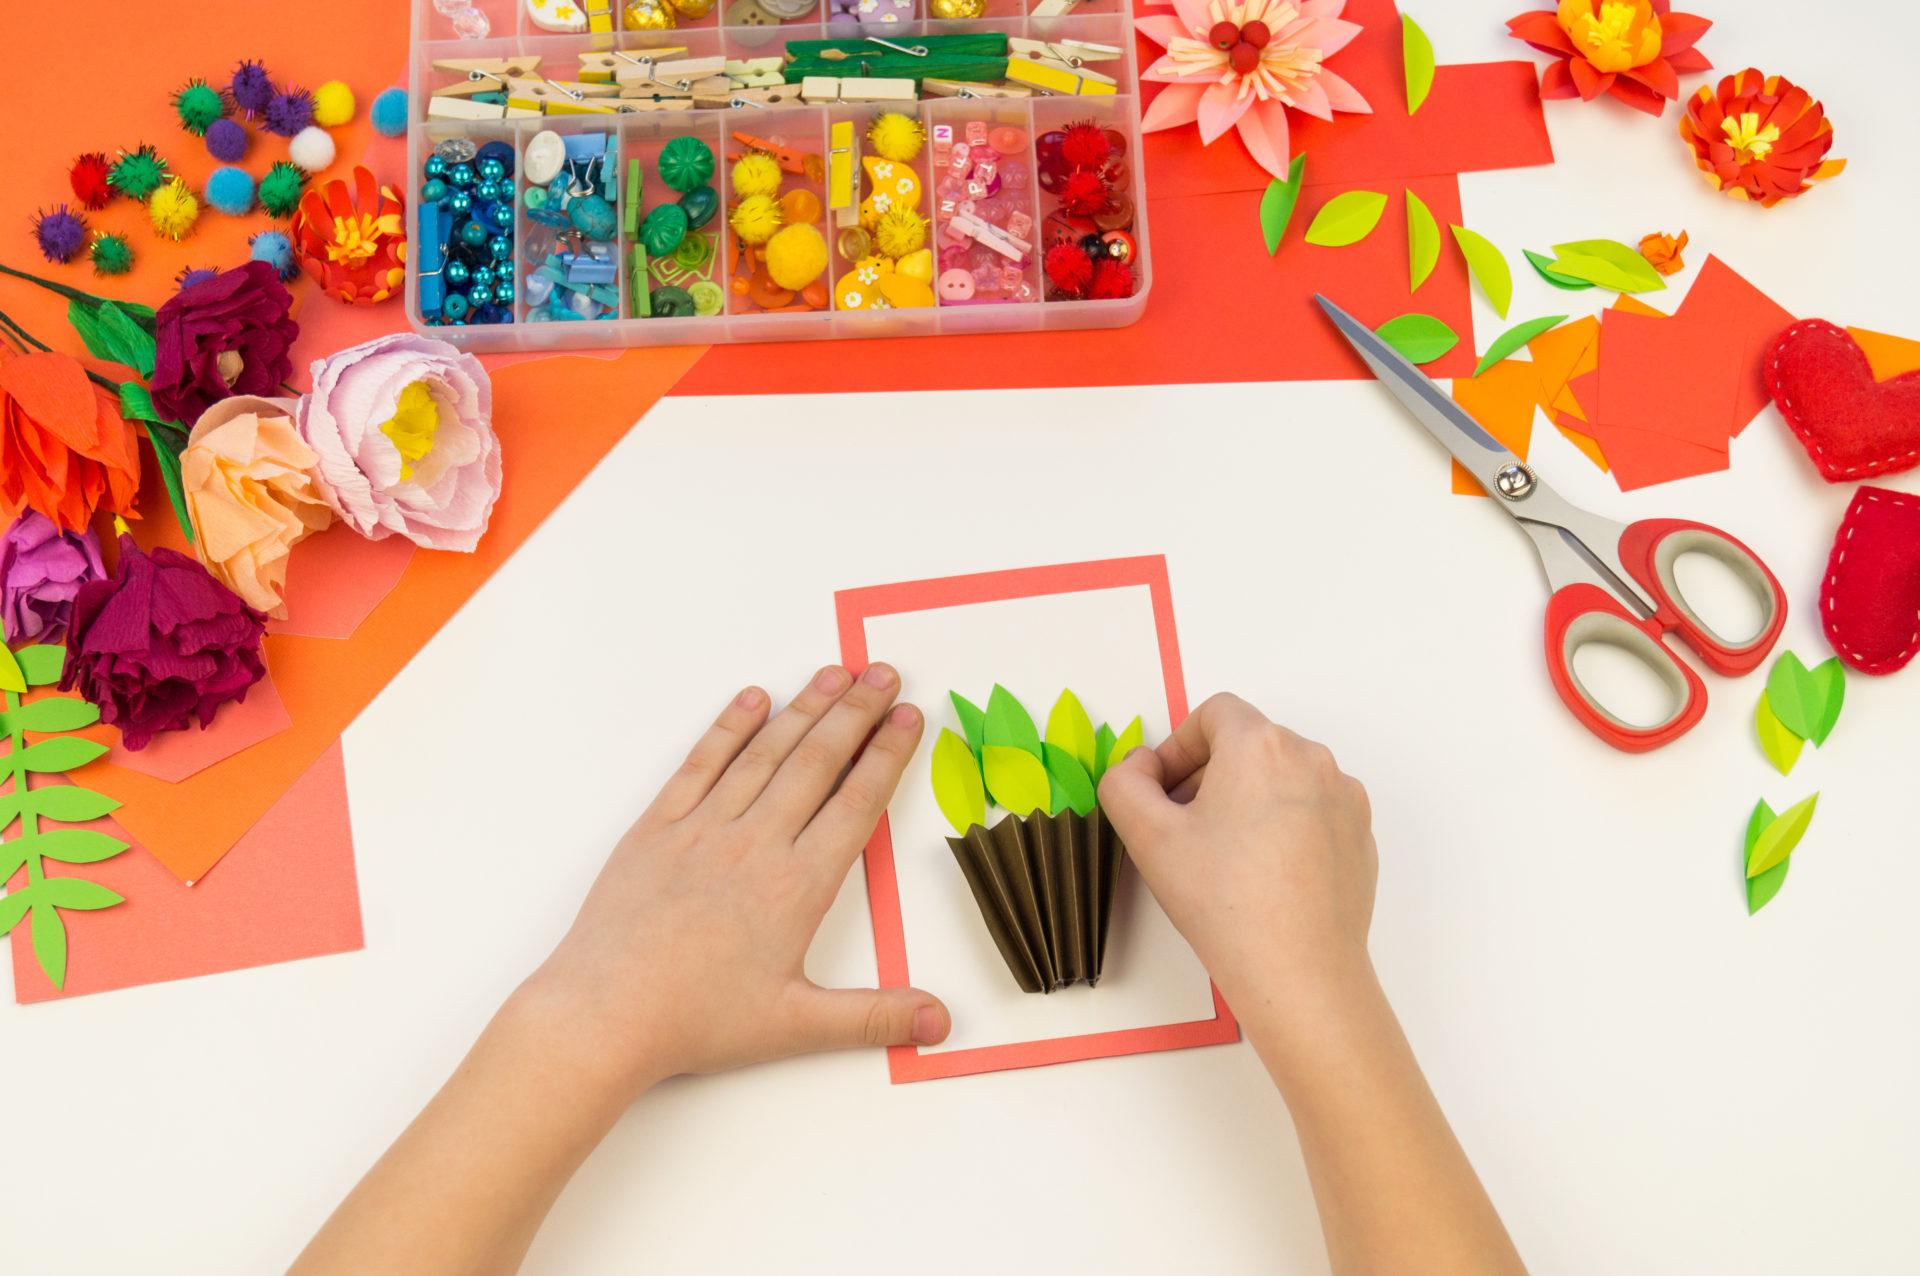 Activités Pour Enfant Pour Le Printemps ; Loisirs Creatifs concernant Activité Pour Enfant De 5 Ans